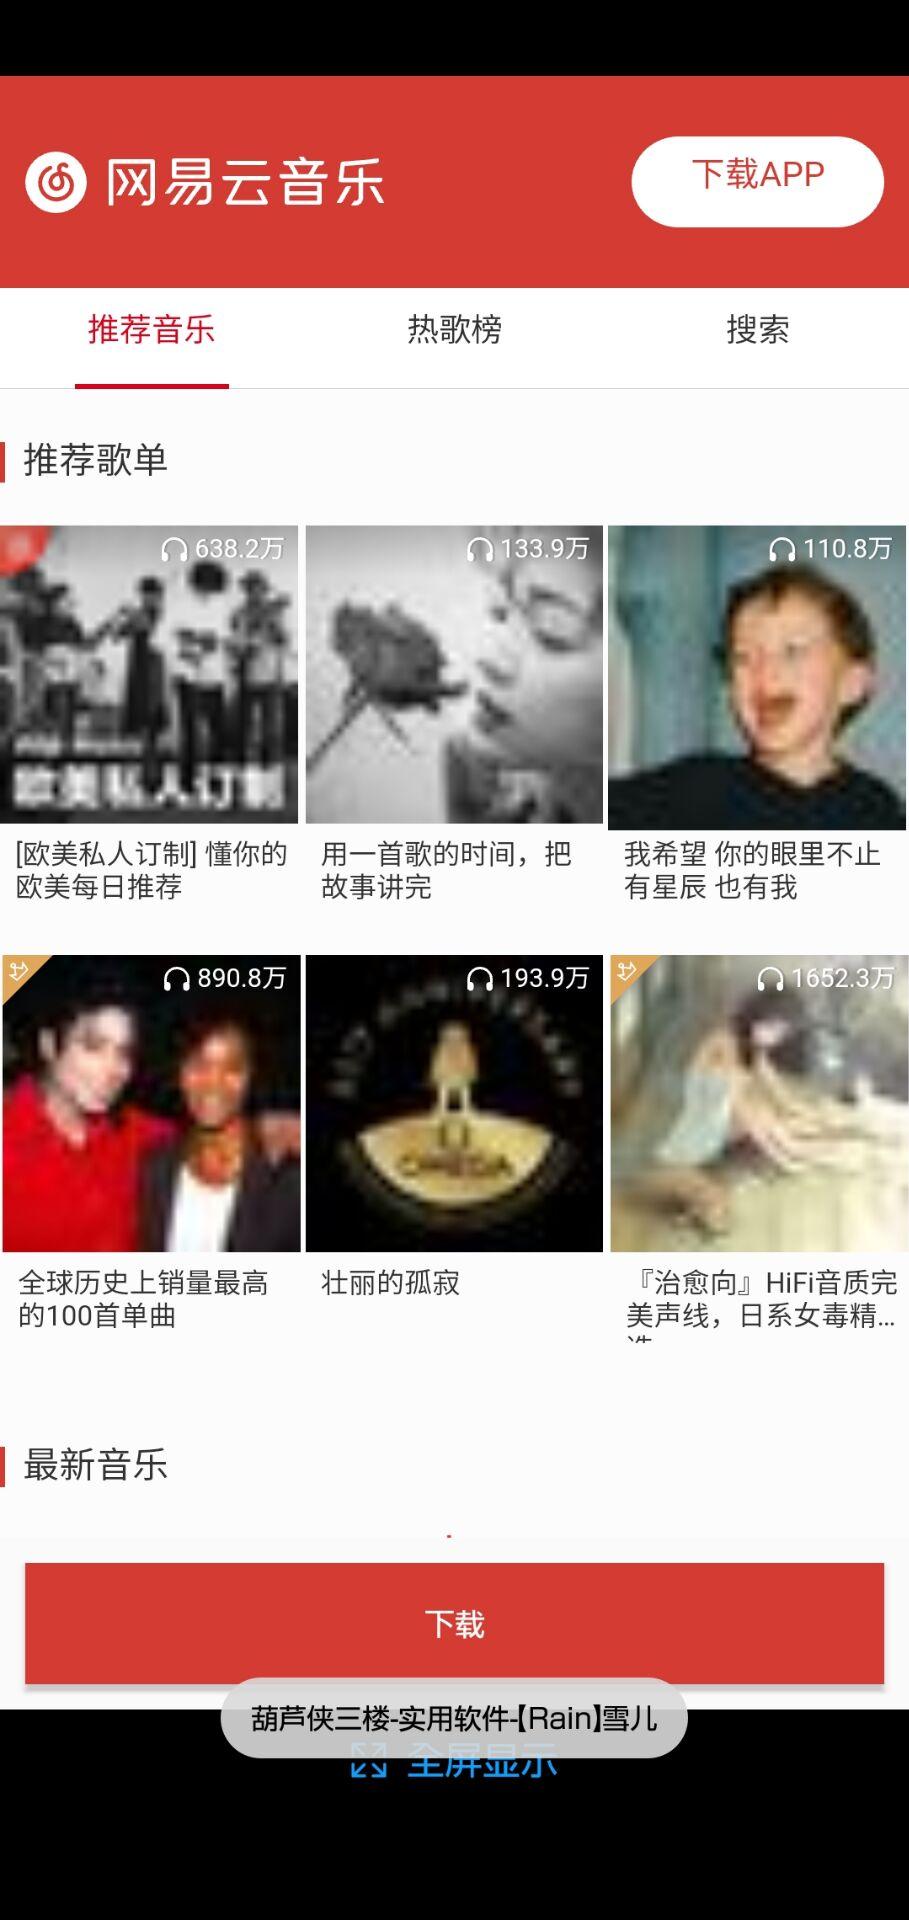 【爱软件更爱分享】网易云下载器(下载歌曲)-爱小助